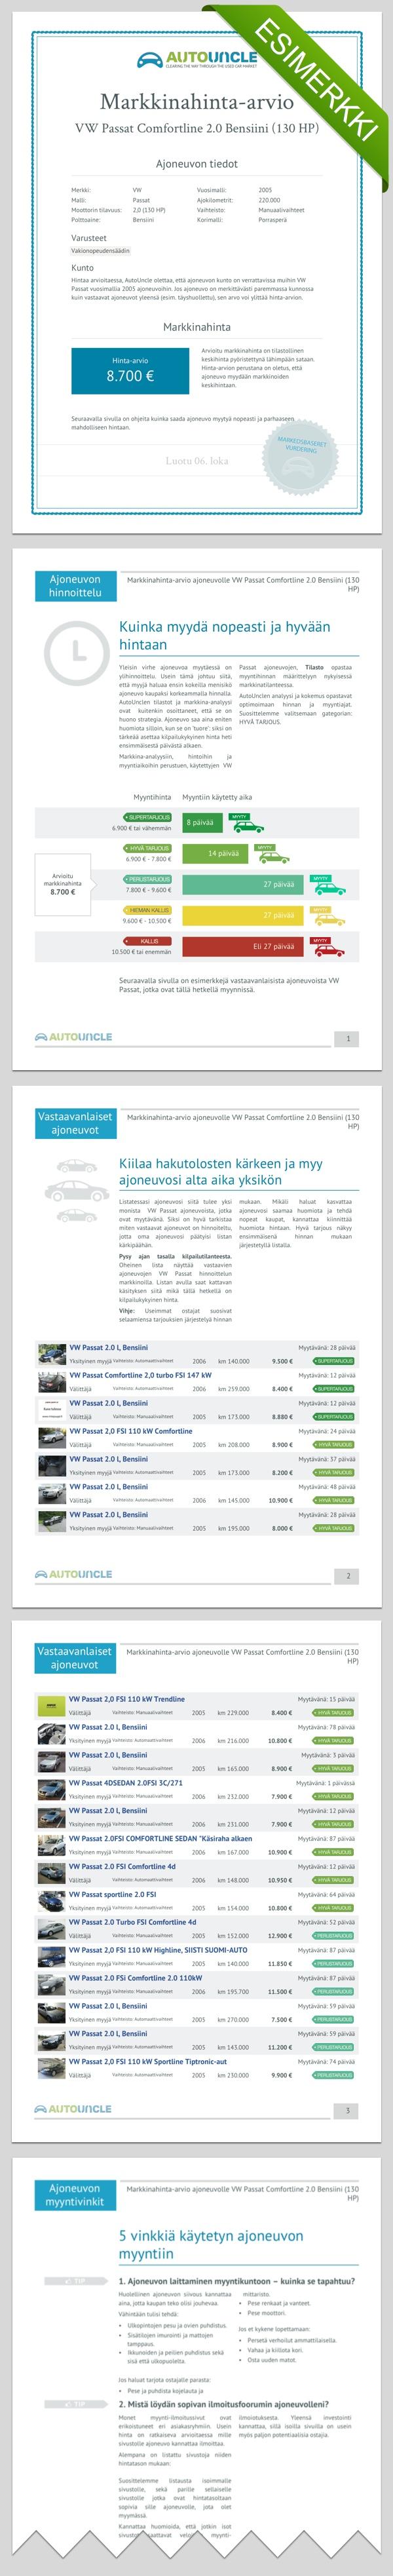 Ilmainen hinta arvio – kuinka paljon ajoneuvosta kannattaa pyytää?